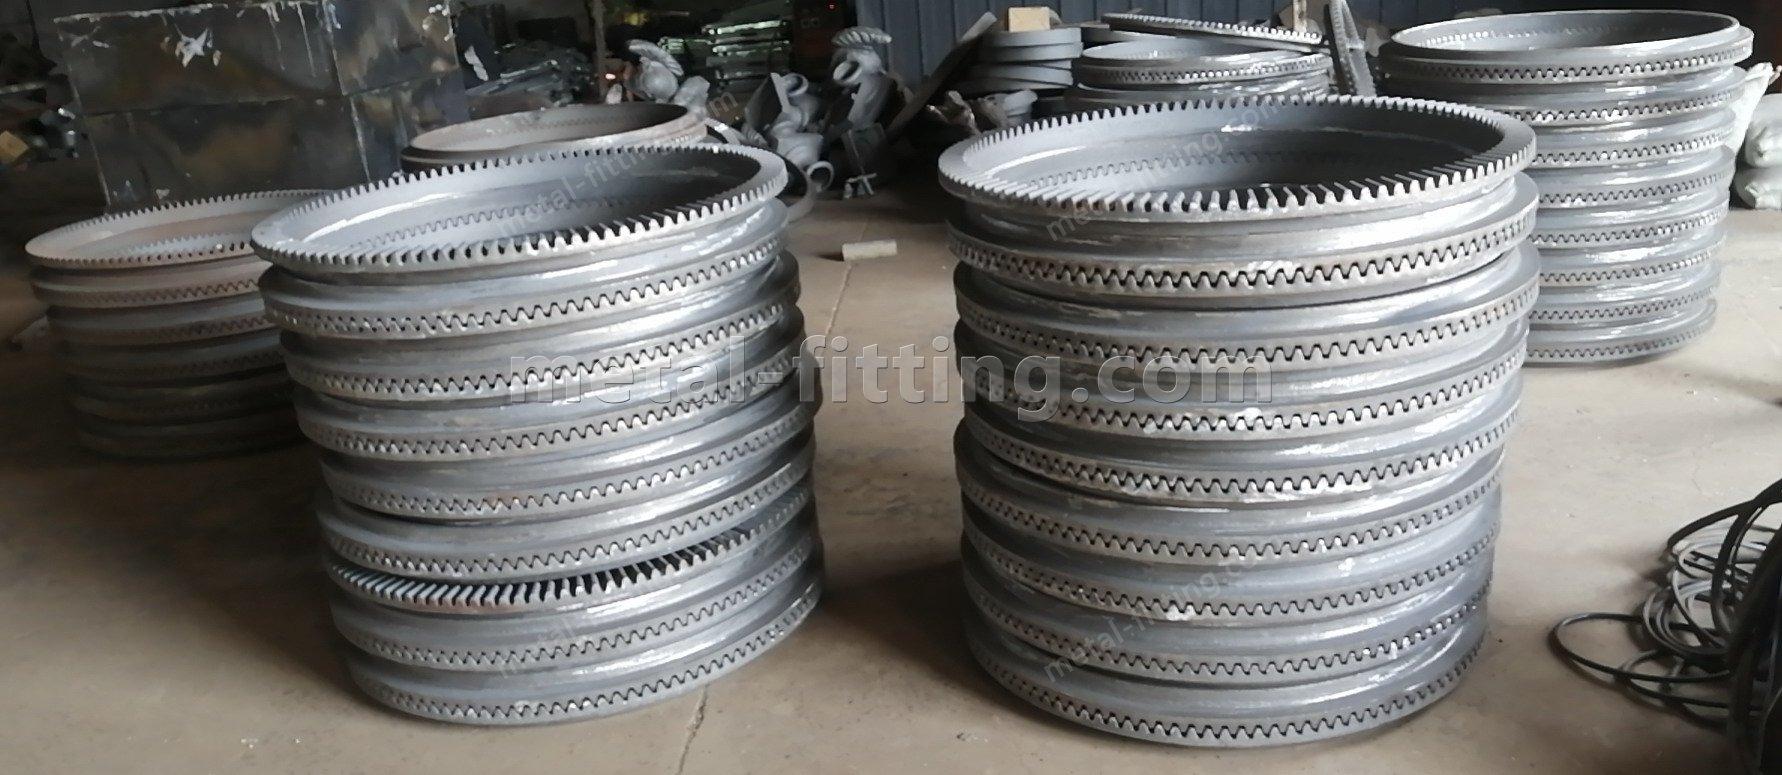 cast iron crown ring gear for concrete mixer-48d3eadfc999d18314e915c69395f08